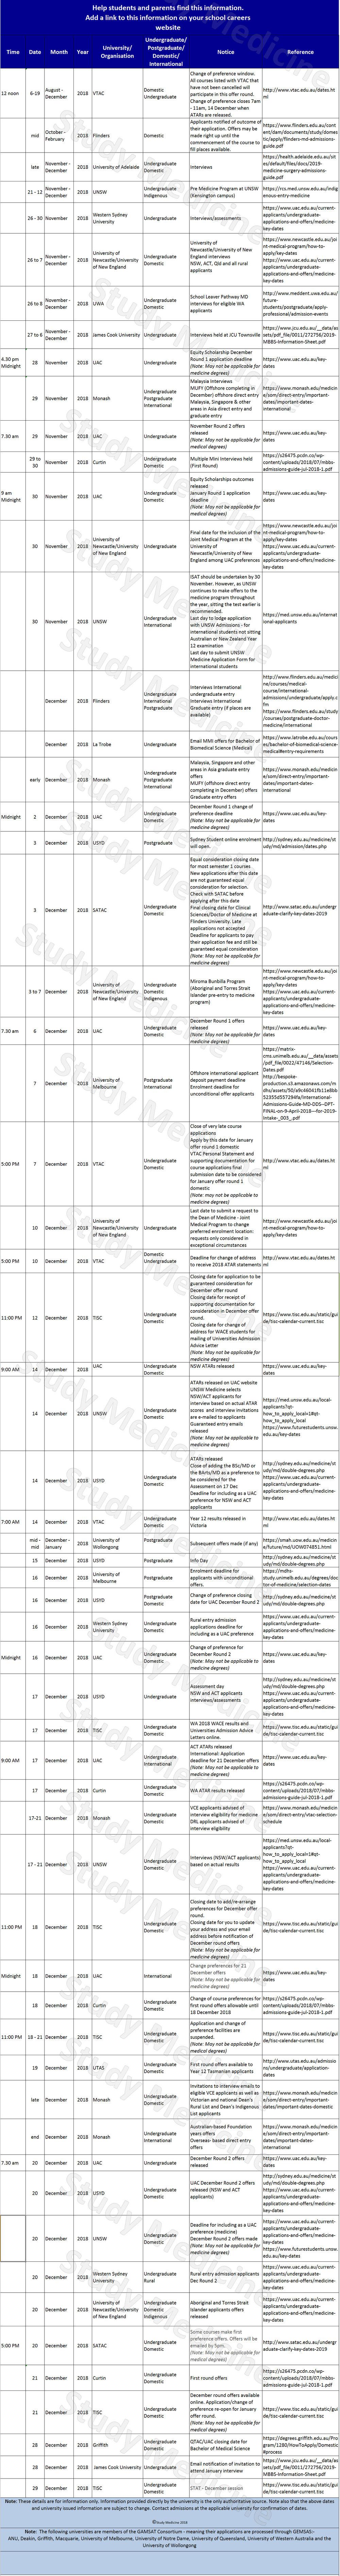 Medical School Application Deadlines 25112018.jpg